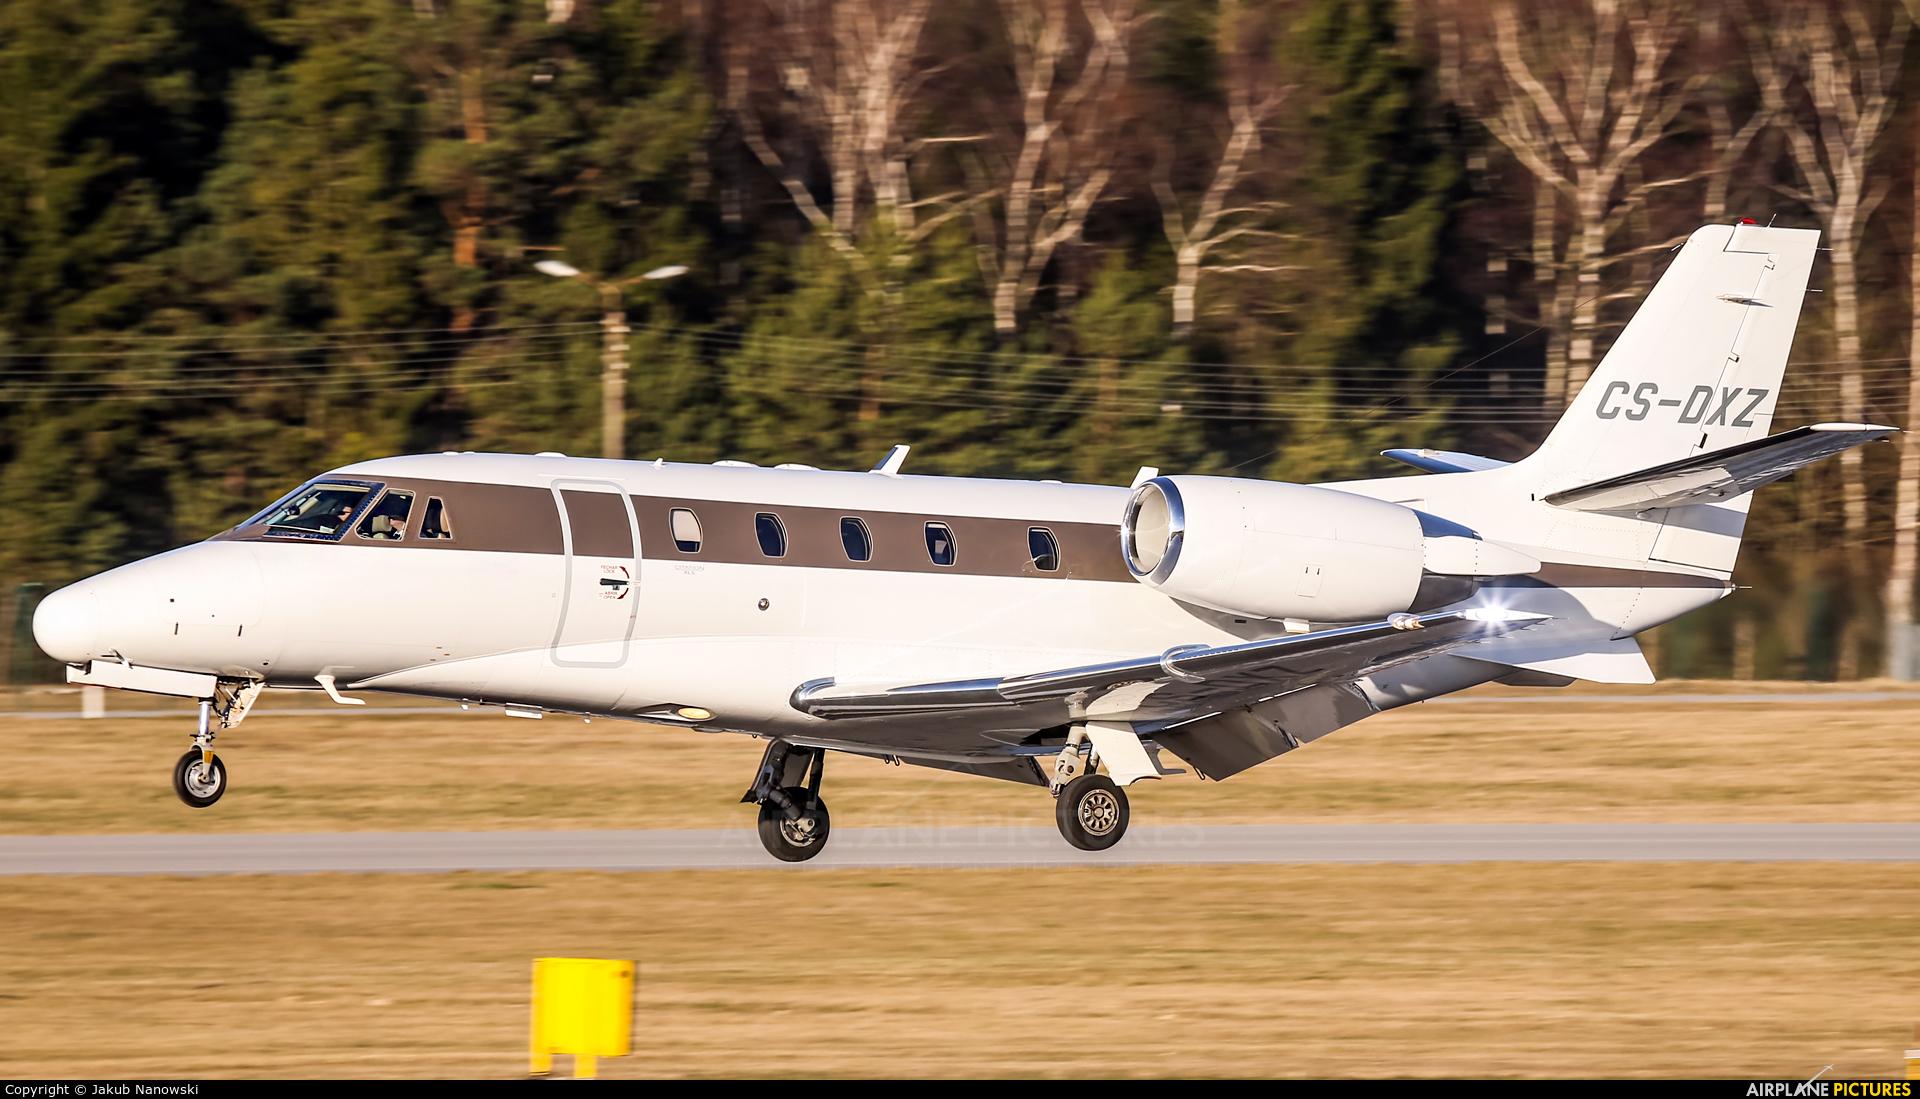 NetJets Europe (Portugal) CS-DXZ aircraft at Gdańsk - Lech Wałęsa